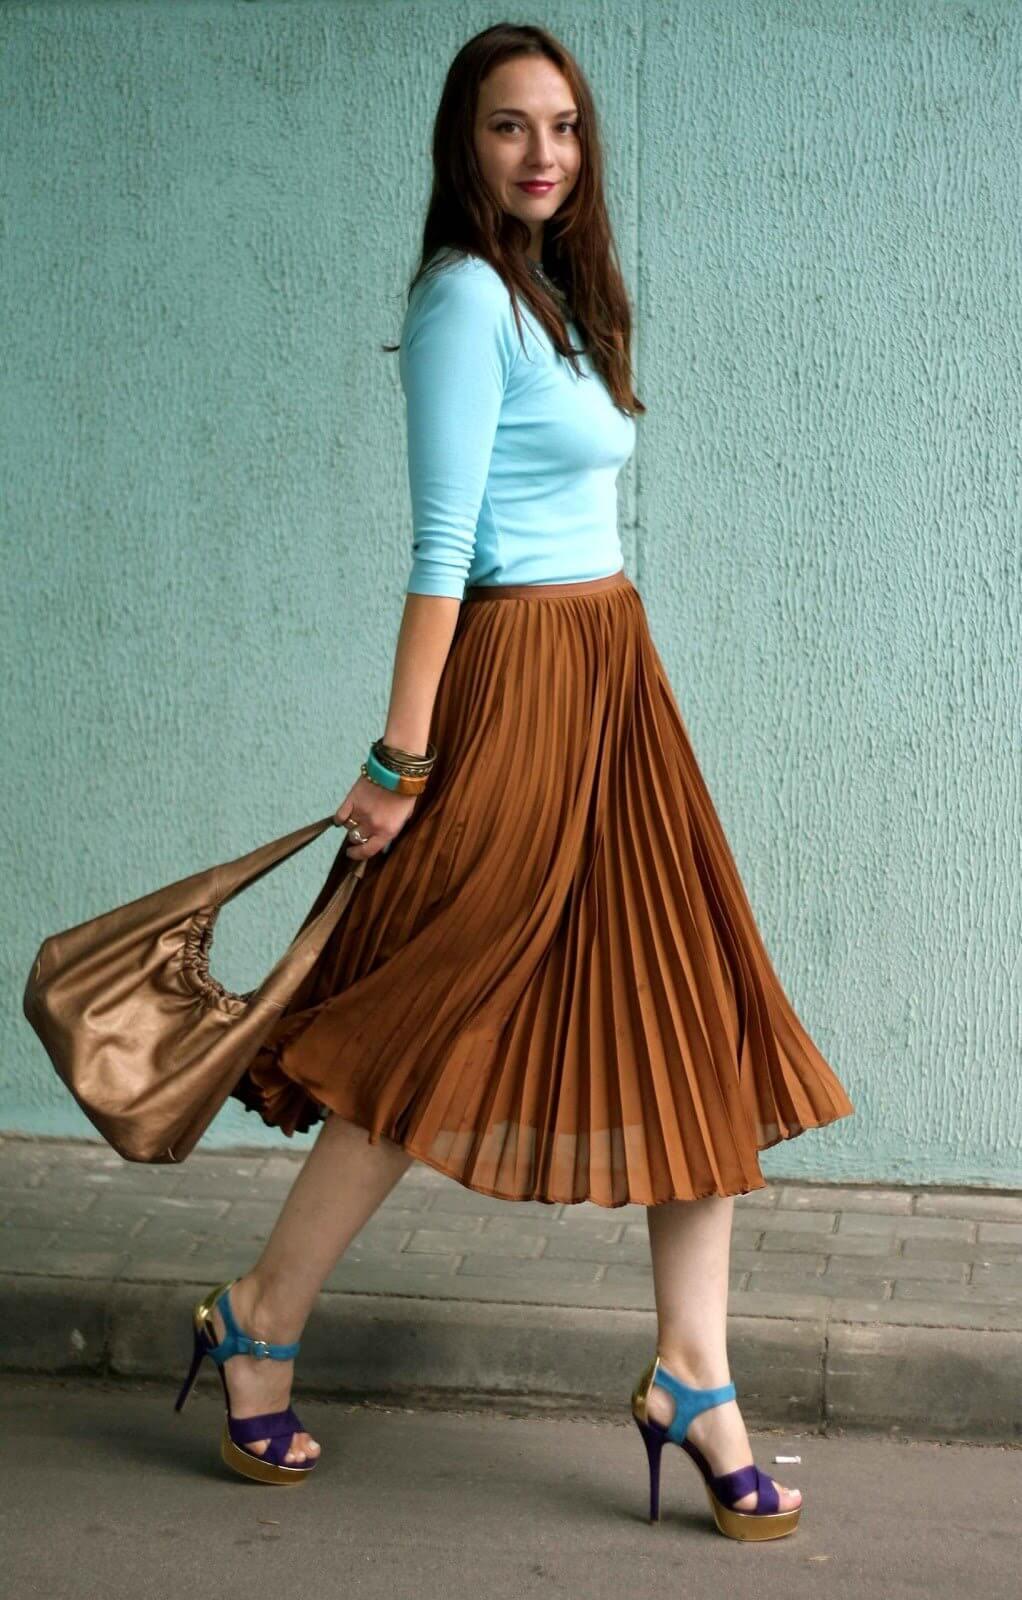 коричневая юбка плиссе металлик с голубой майкой с чем носить